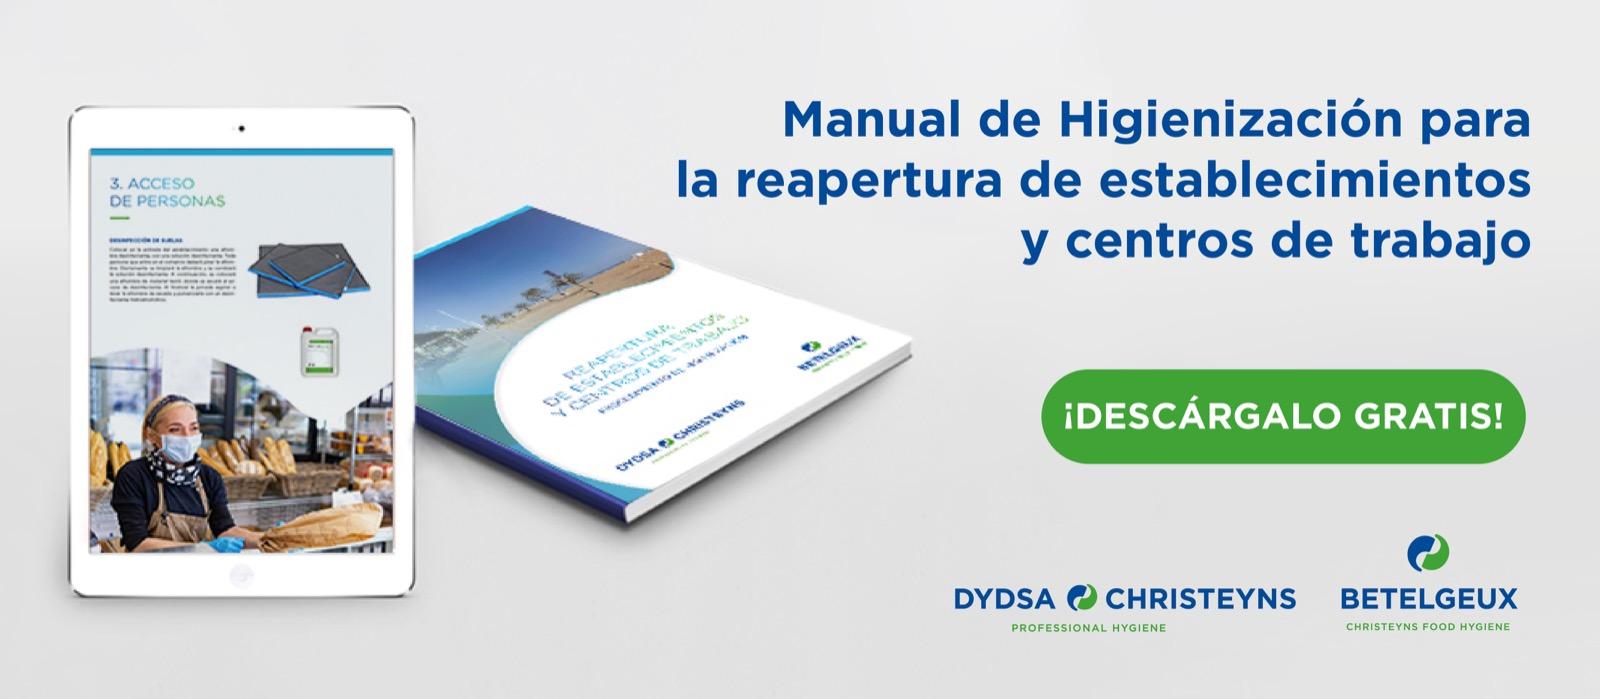 manual de higiene para la reapertura de establecimientos y centros de trabajo